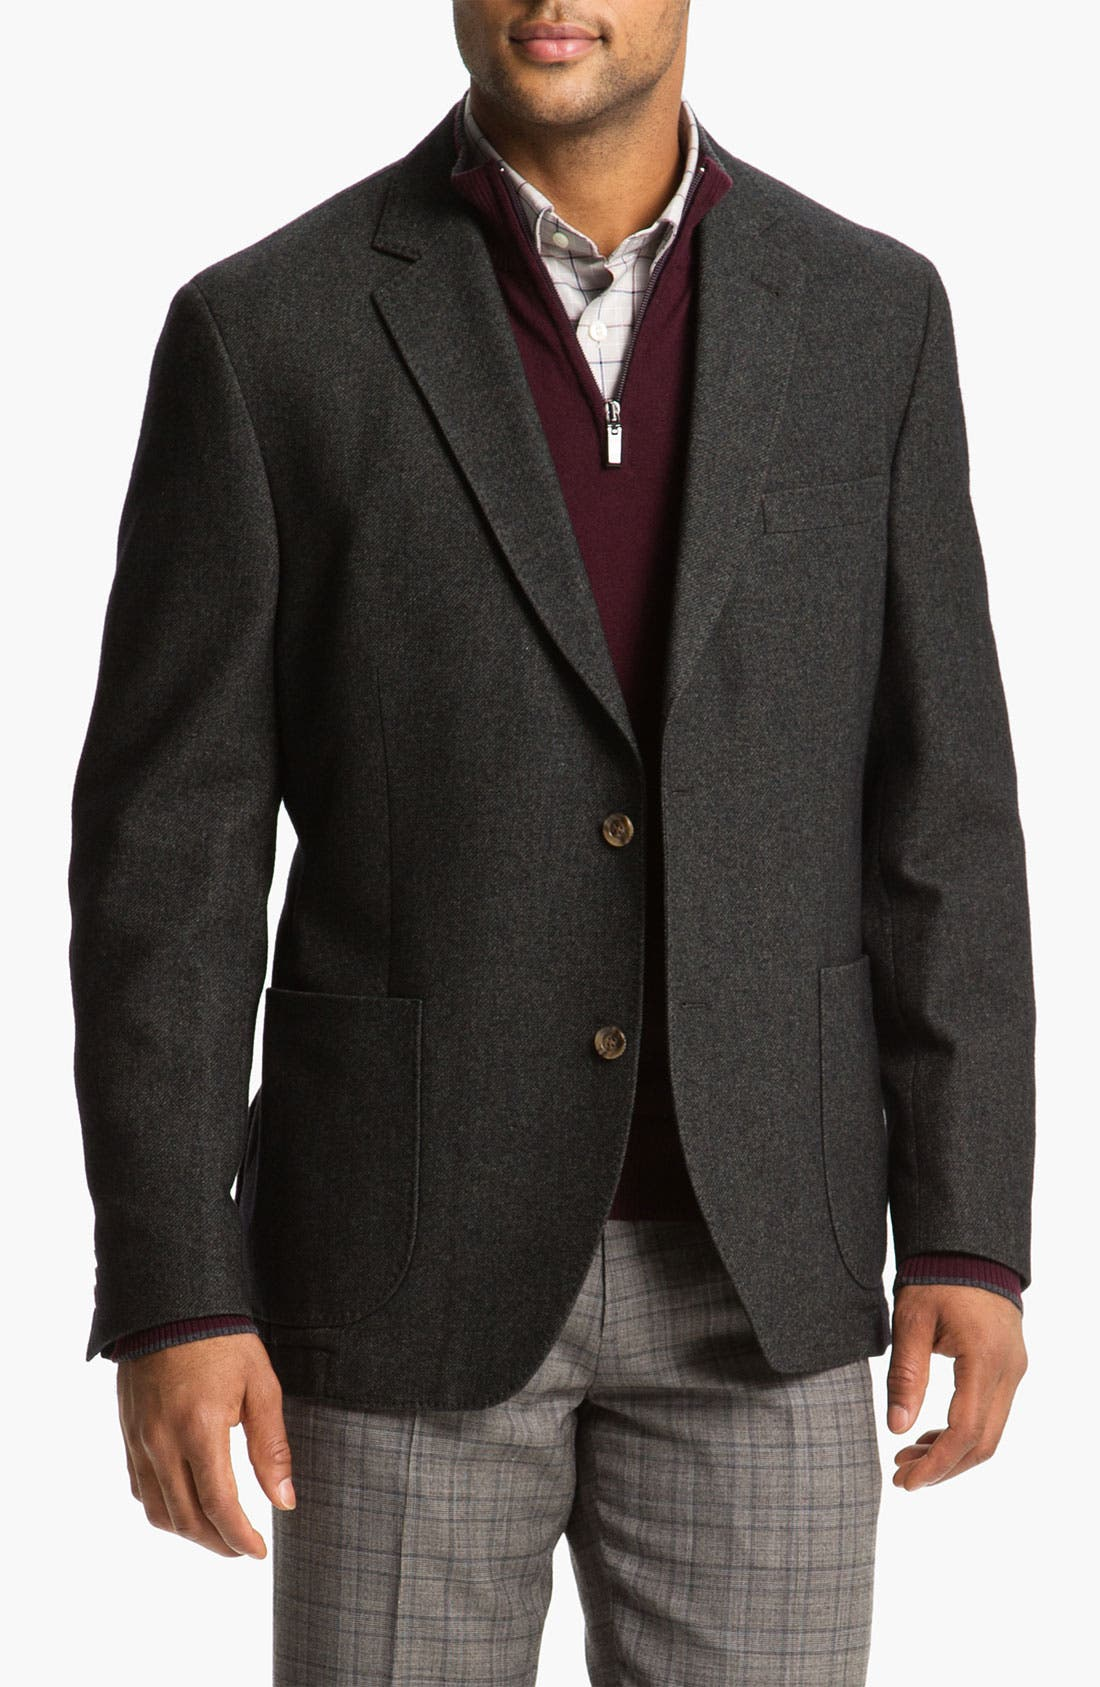 Main Image - Kroon 'Bono' Wool Blend Sportcoat